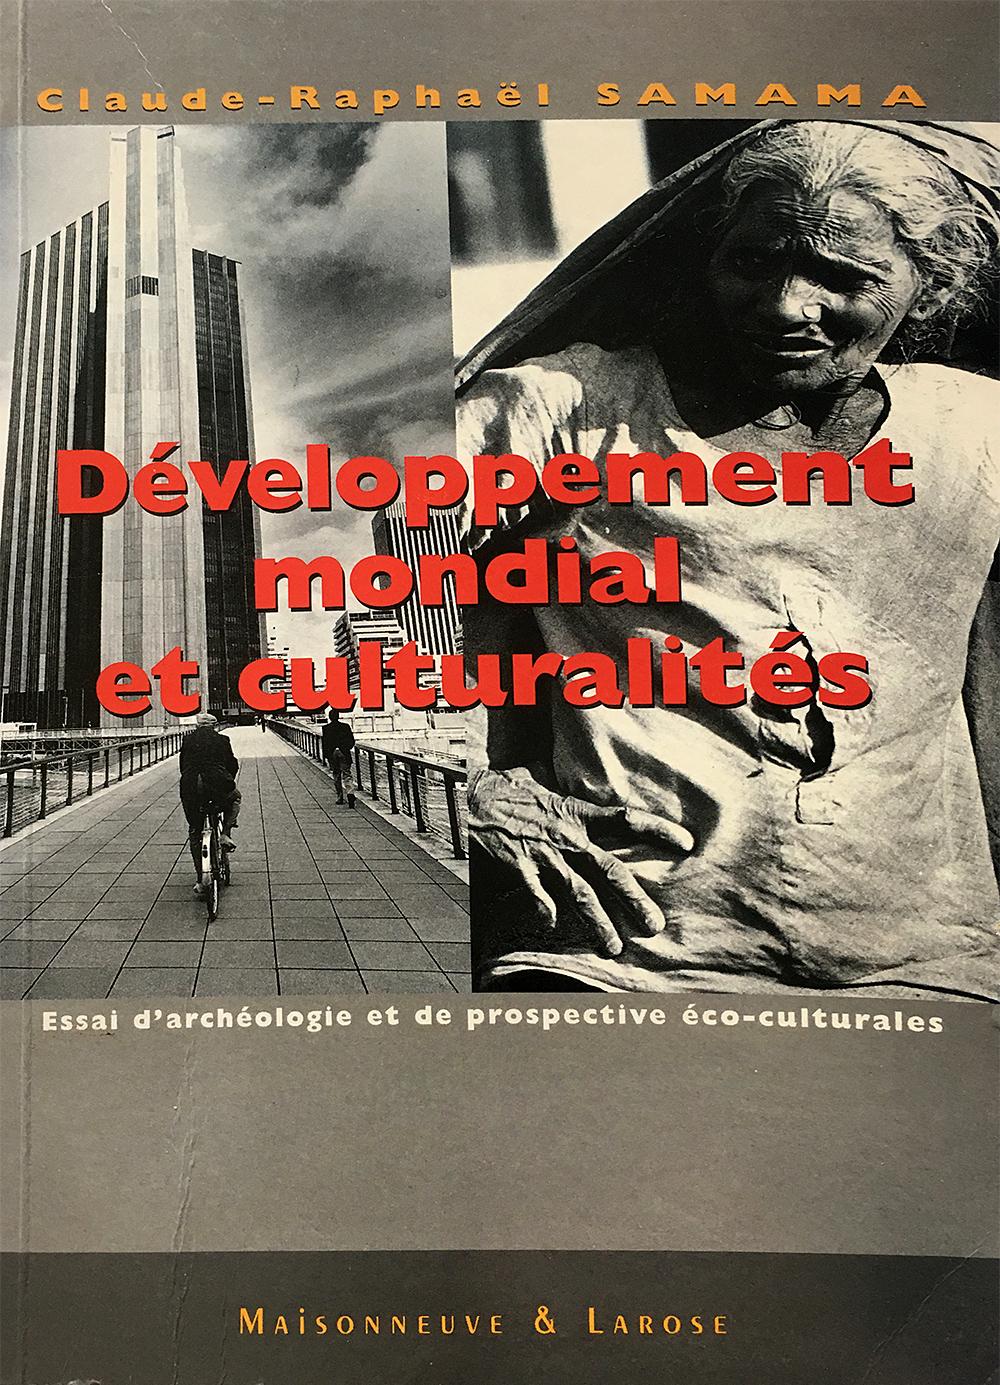 Développement mondial et culturalités. Essai d'archéologie et de prospective éco-culturales